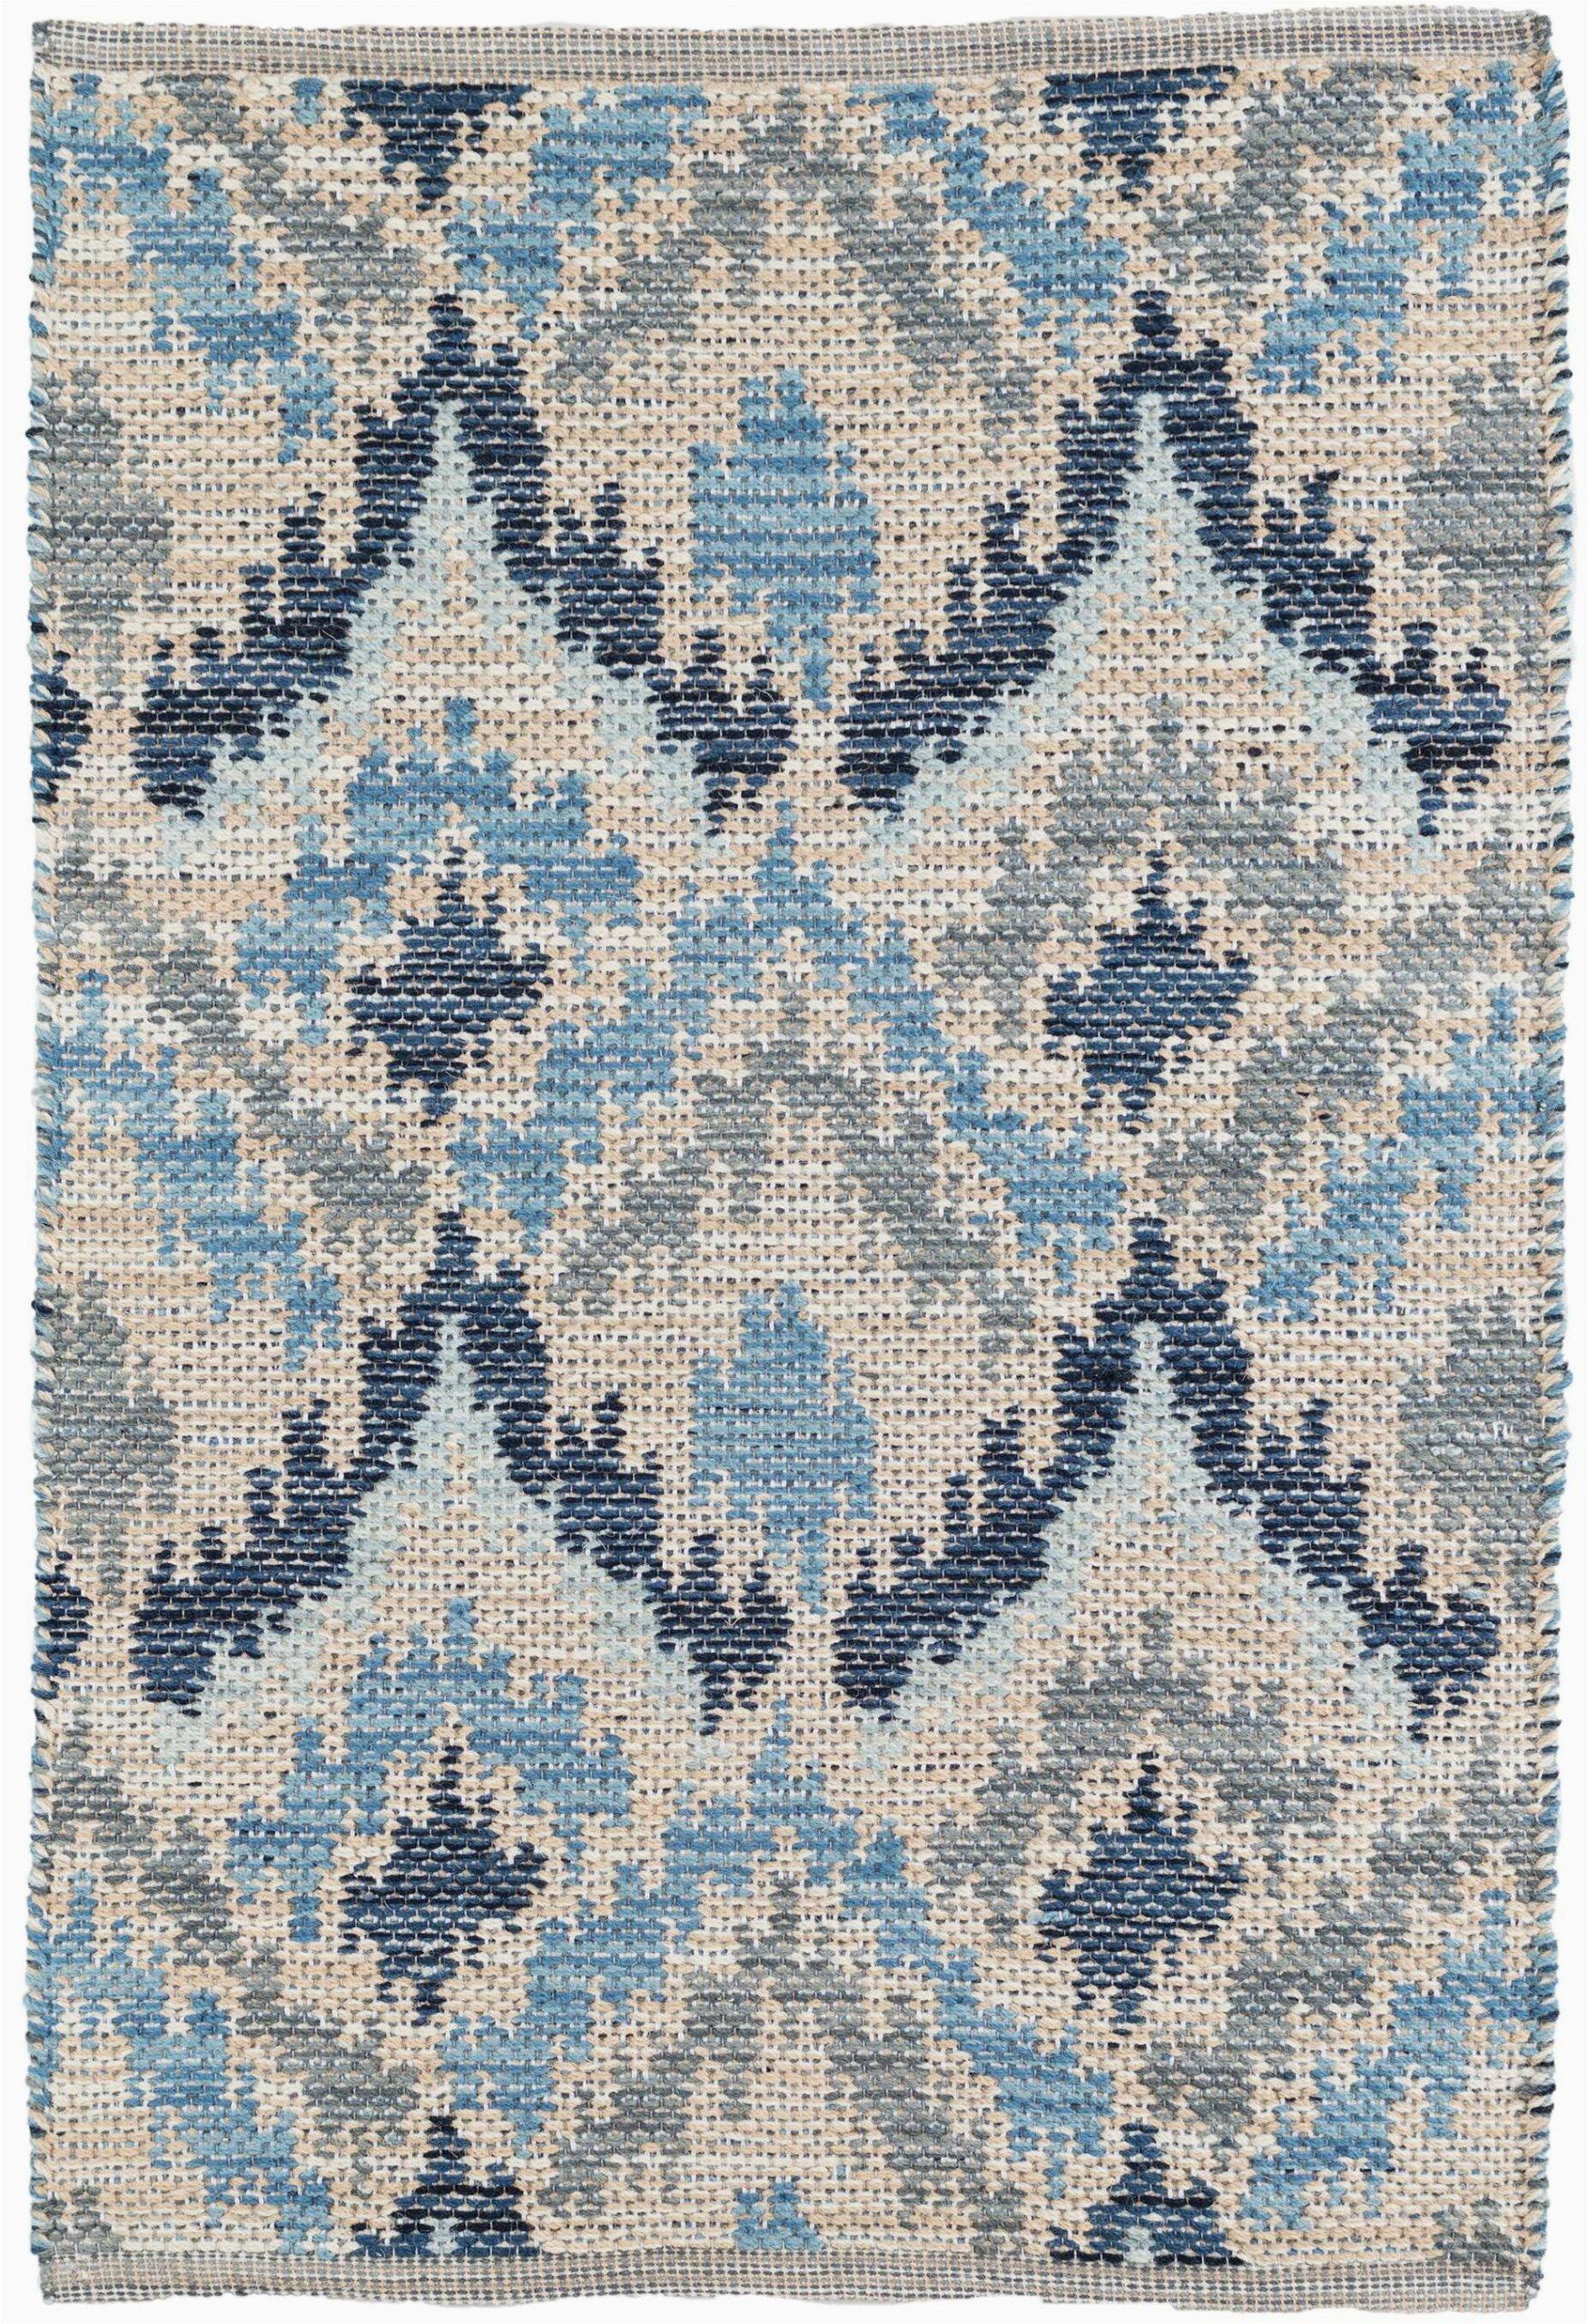 medina ikat handmade flatweave bluegraycream area rug